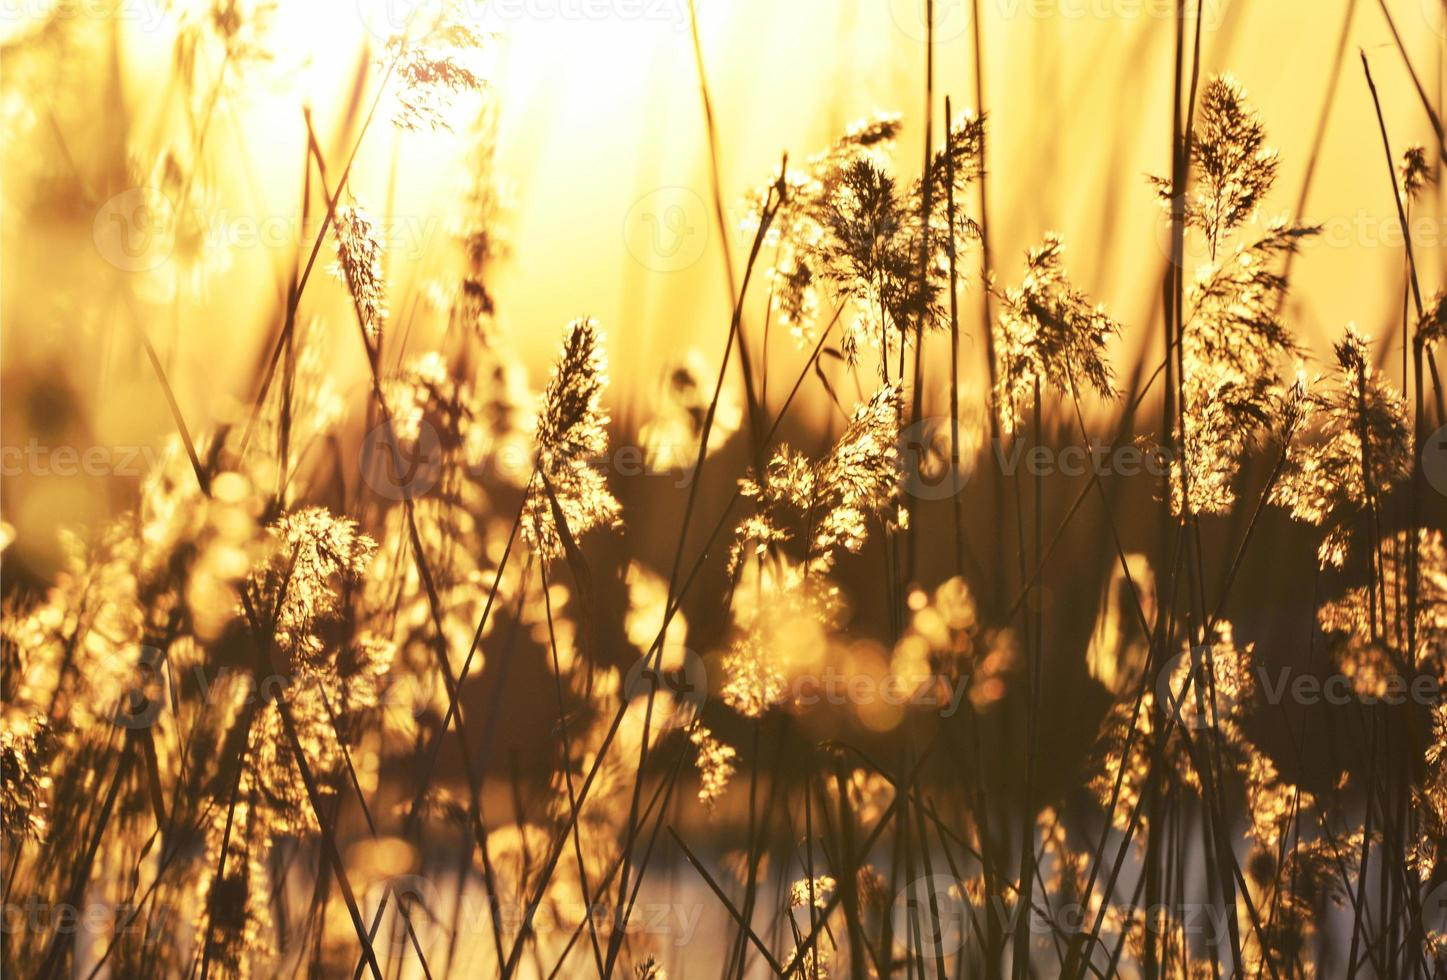 Birne im warmen Sonnenuntergangslicht foto